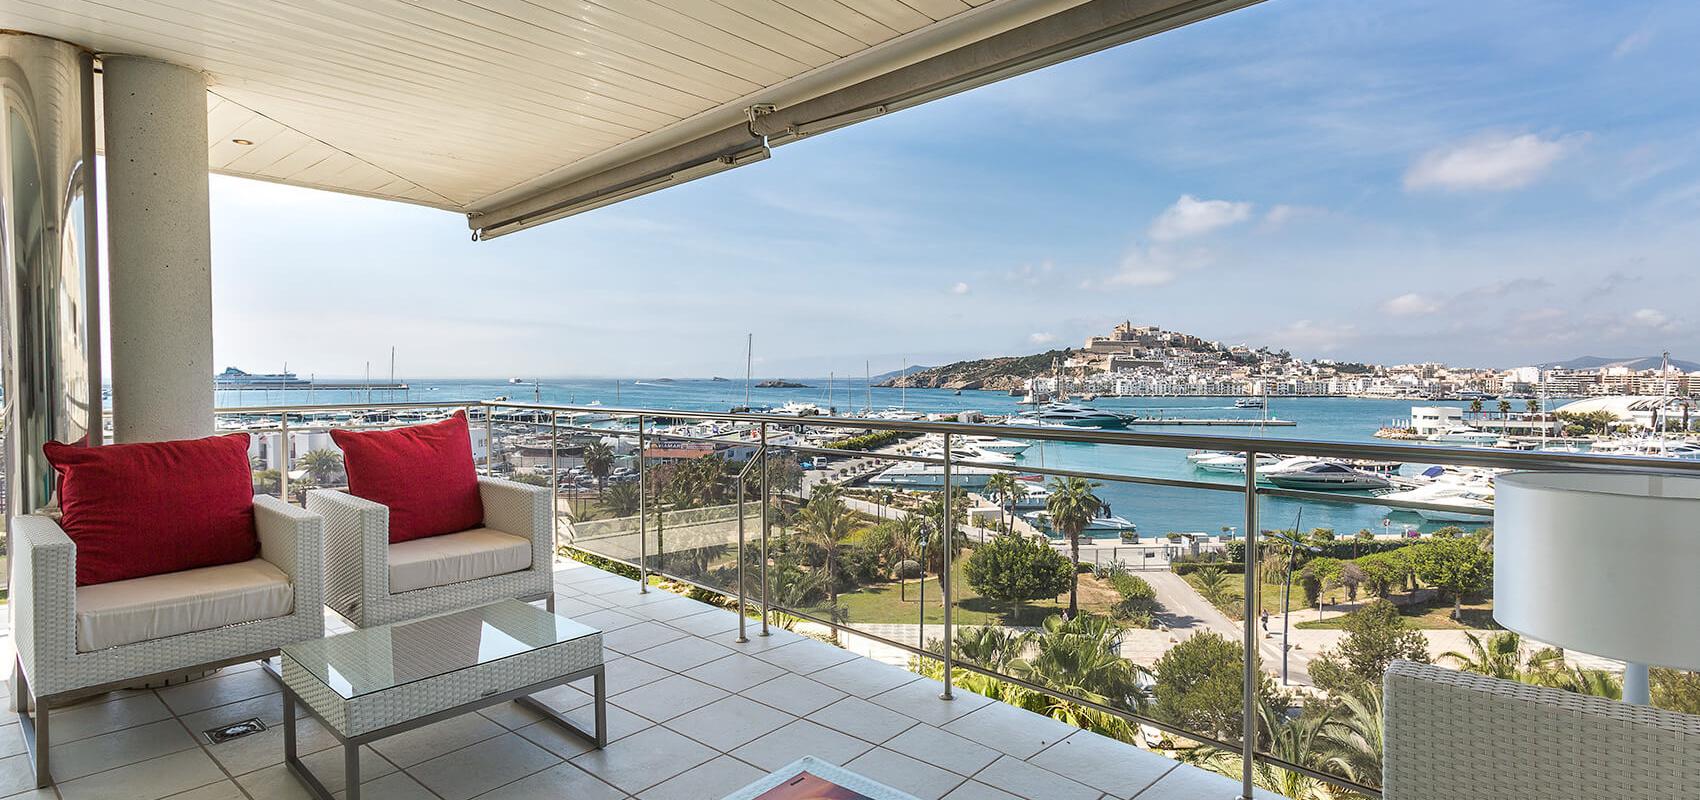 Vistas desde el apartamento a la cudad vieja de Ibiza